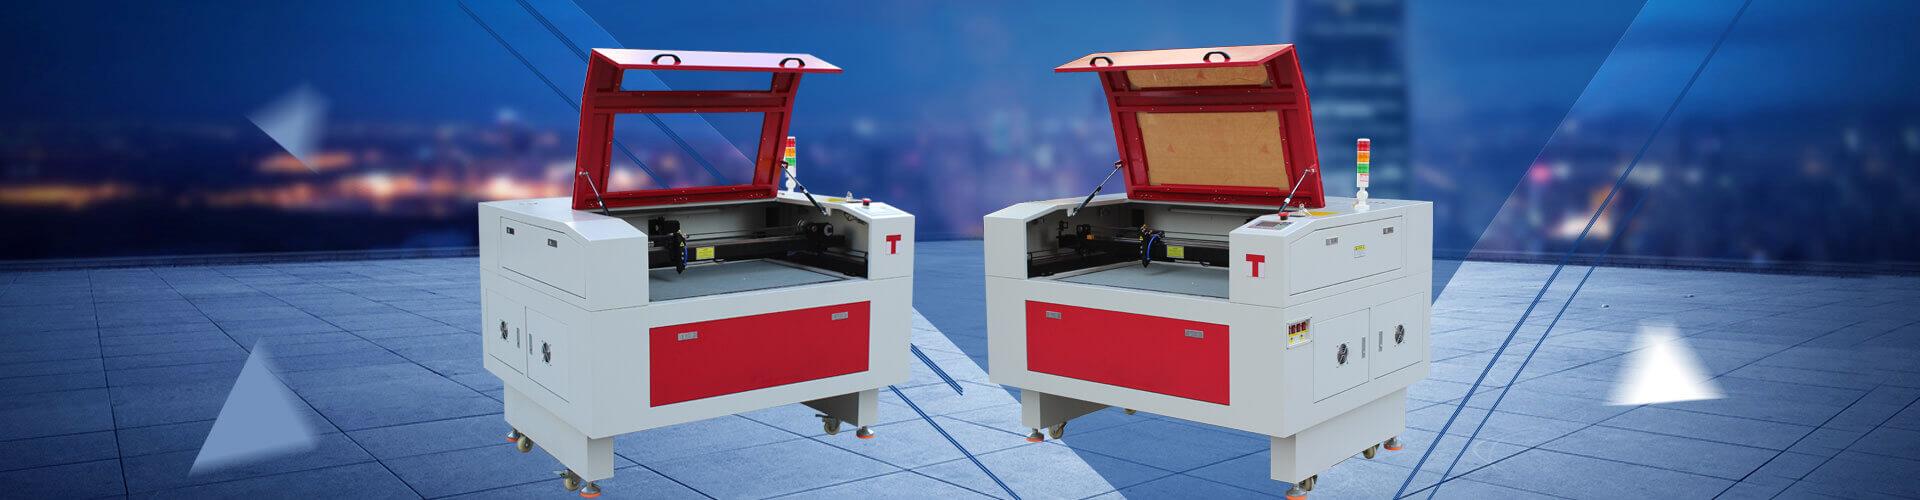 autofocus laser cutting machine triumphlaser banner01